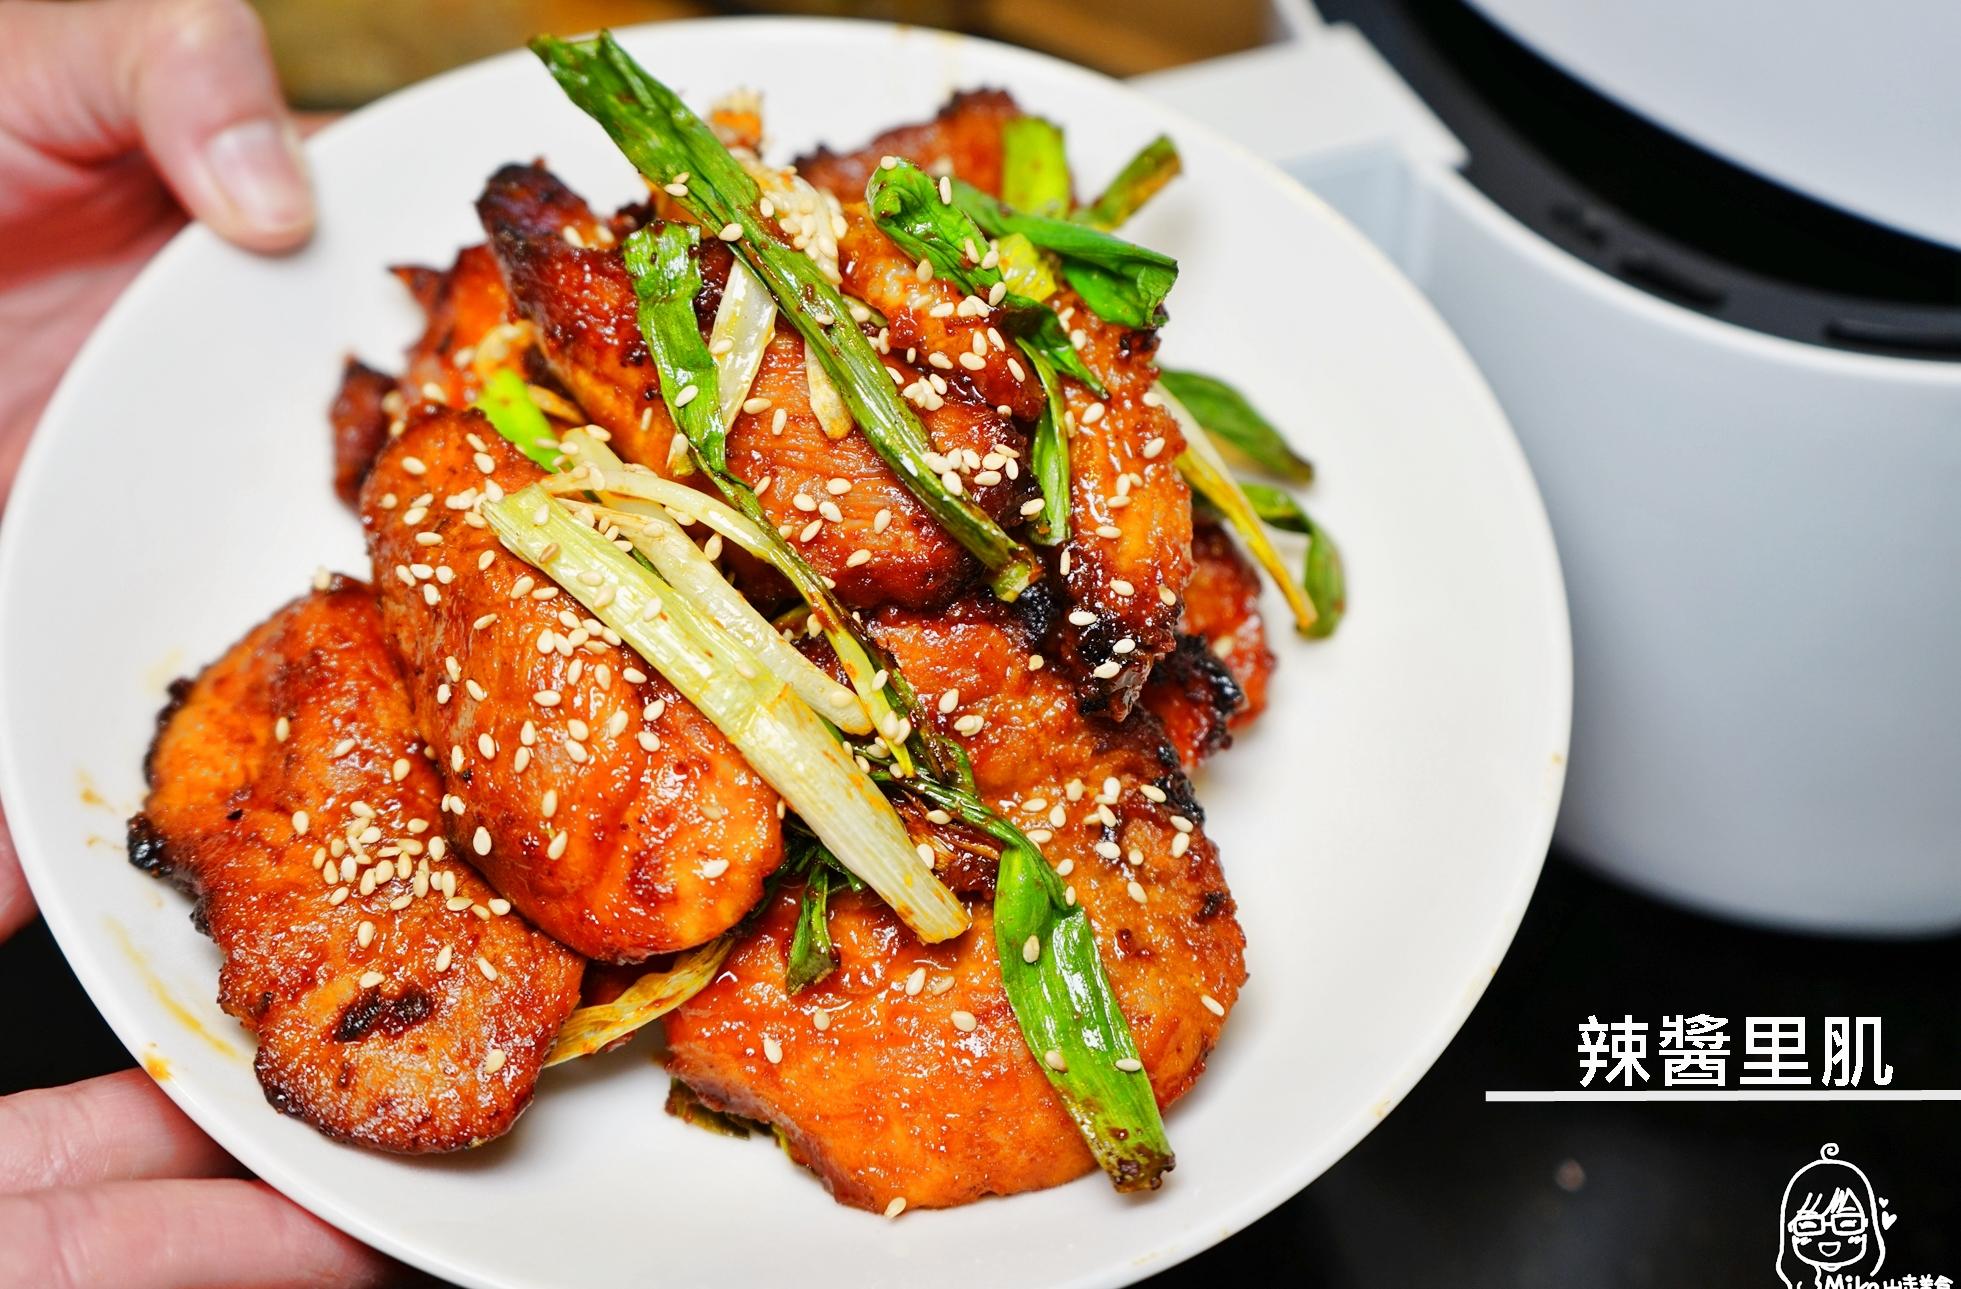 最新推播訊息:辣醬里肌|芷要上菜 氣炸鍋出好料 韓式辣醬重口味 可包生菜吃最爽口 零失敗簡單料理系列。